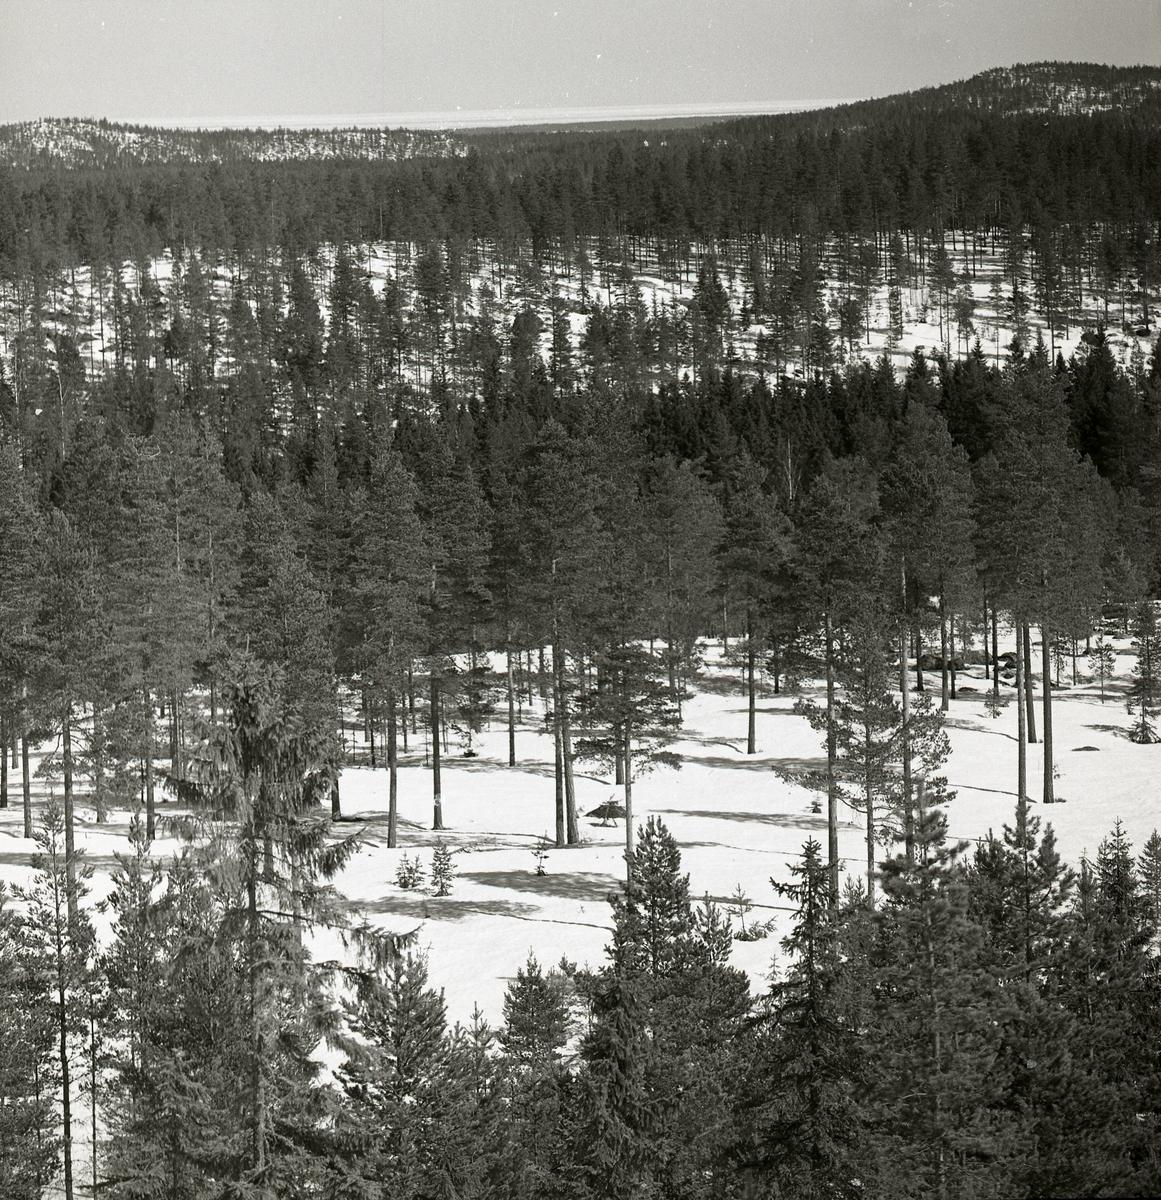 Utsikt över skog och berg, april 1951.